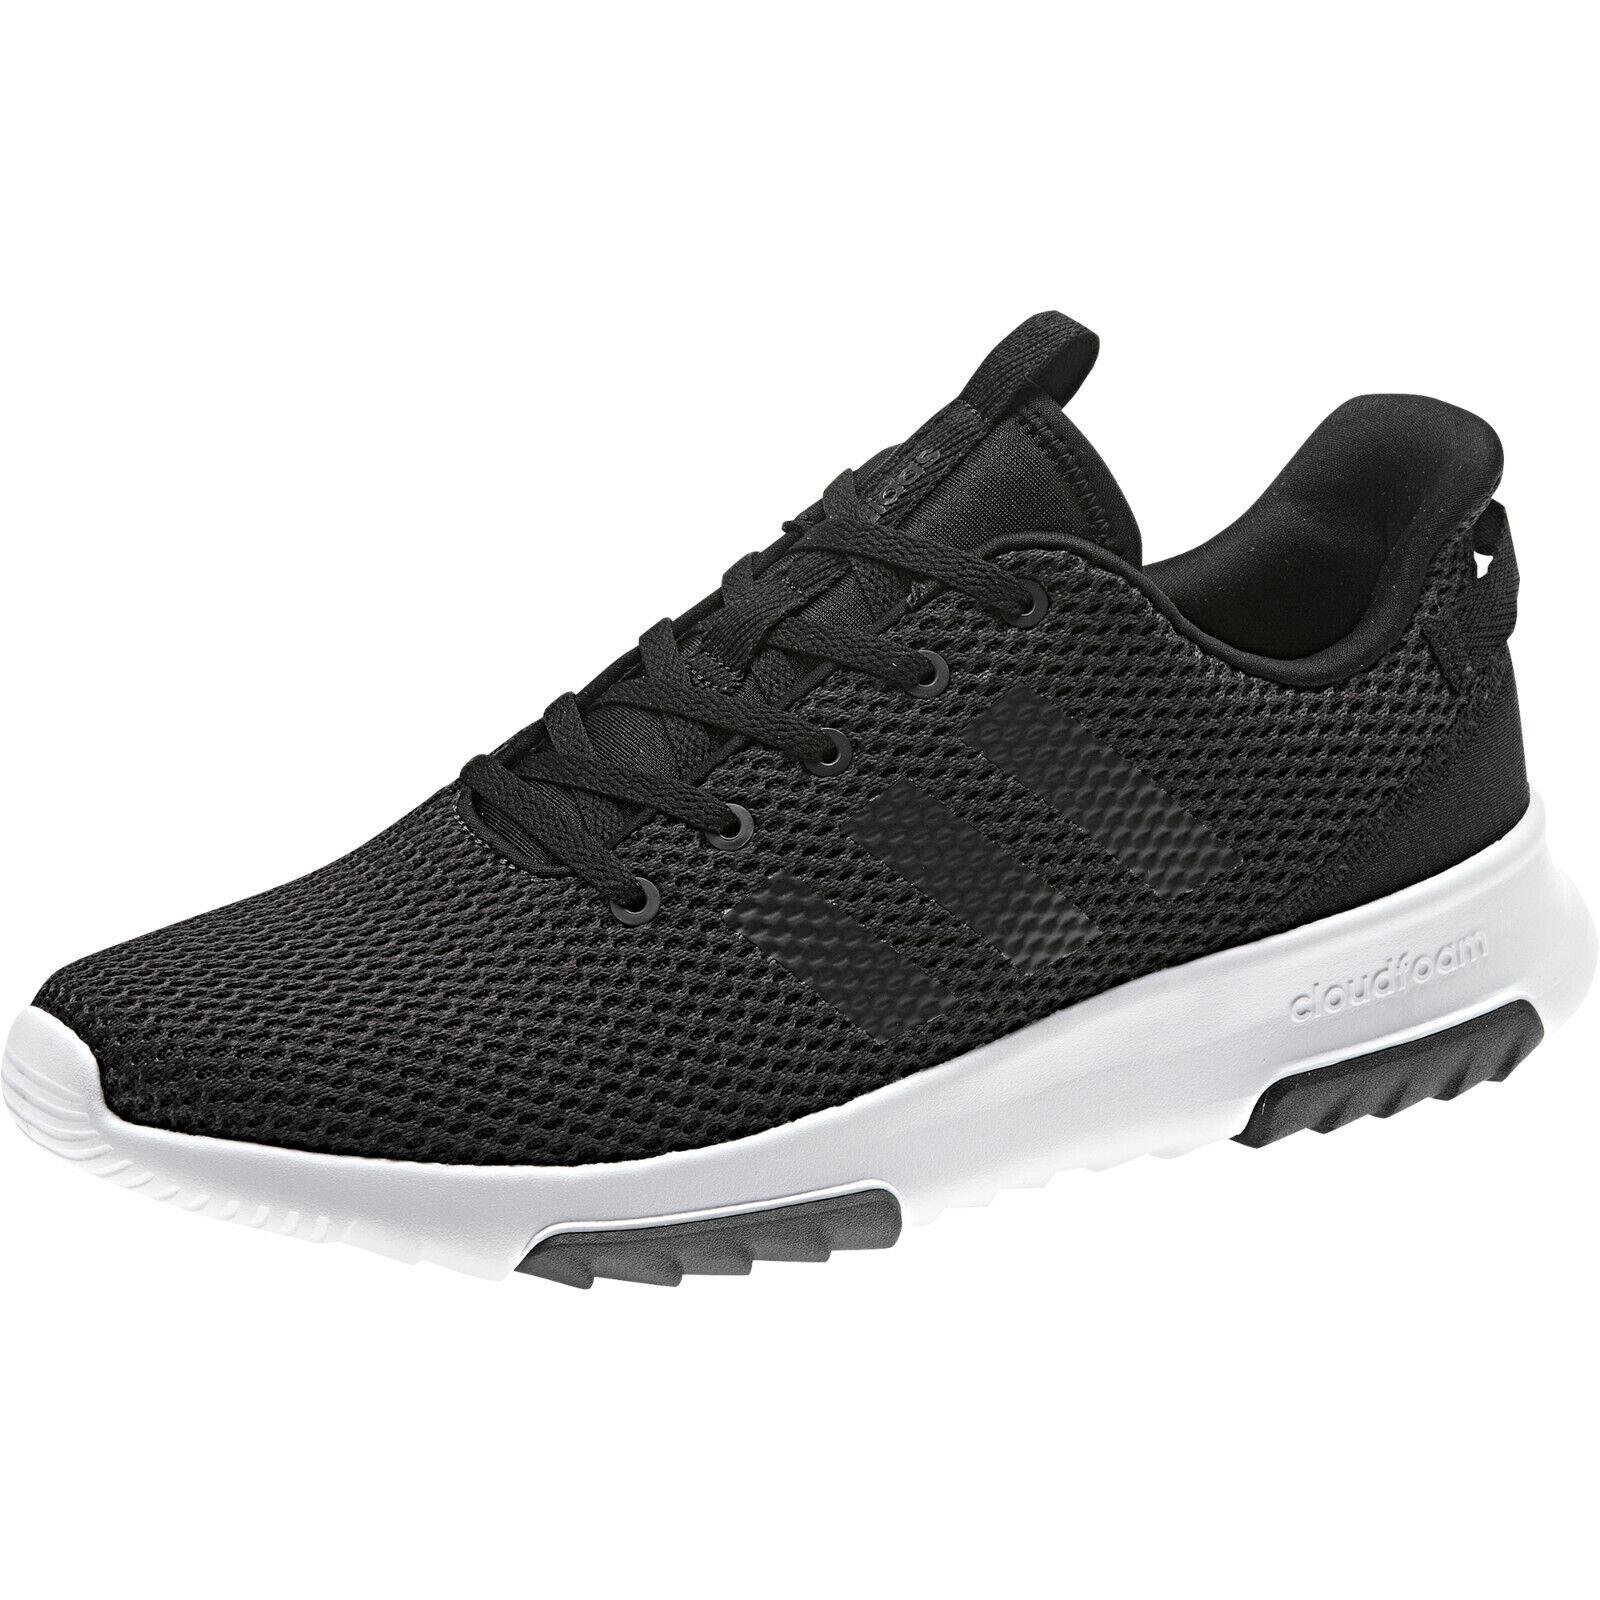 Adidas neo cloudfoam Racer TR UE 42 calcetines cortos ocio zapatos da9306 nuevo